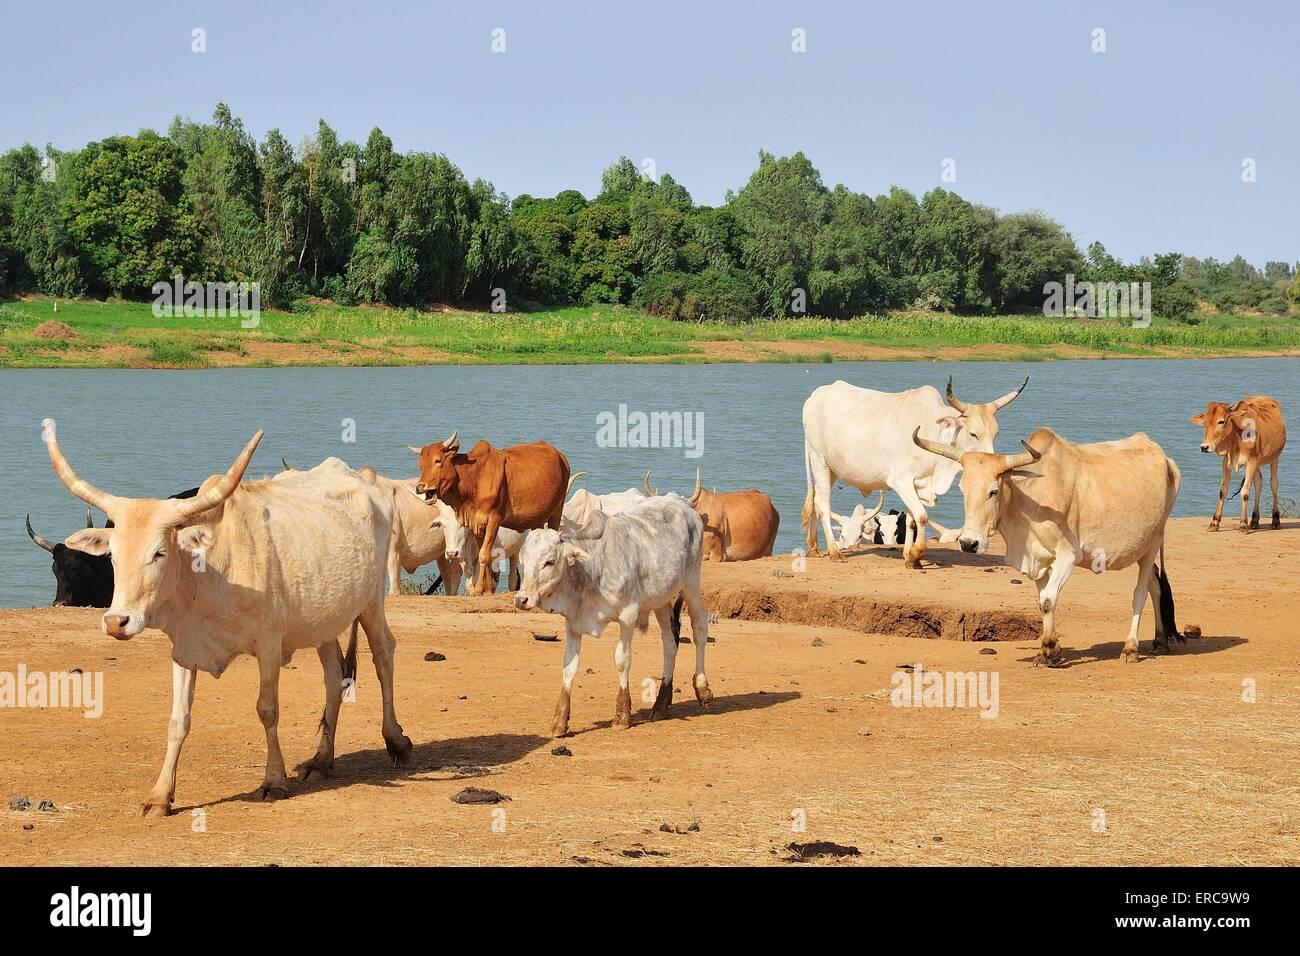 Le bétail par le fleuve Sénégal, Bogue, région du Brakna, en Mauritanie Photo Stock